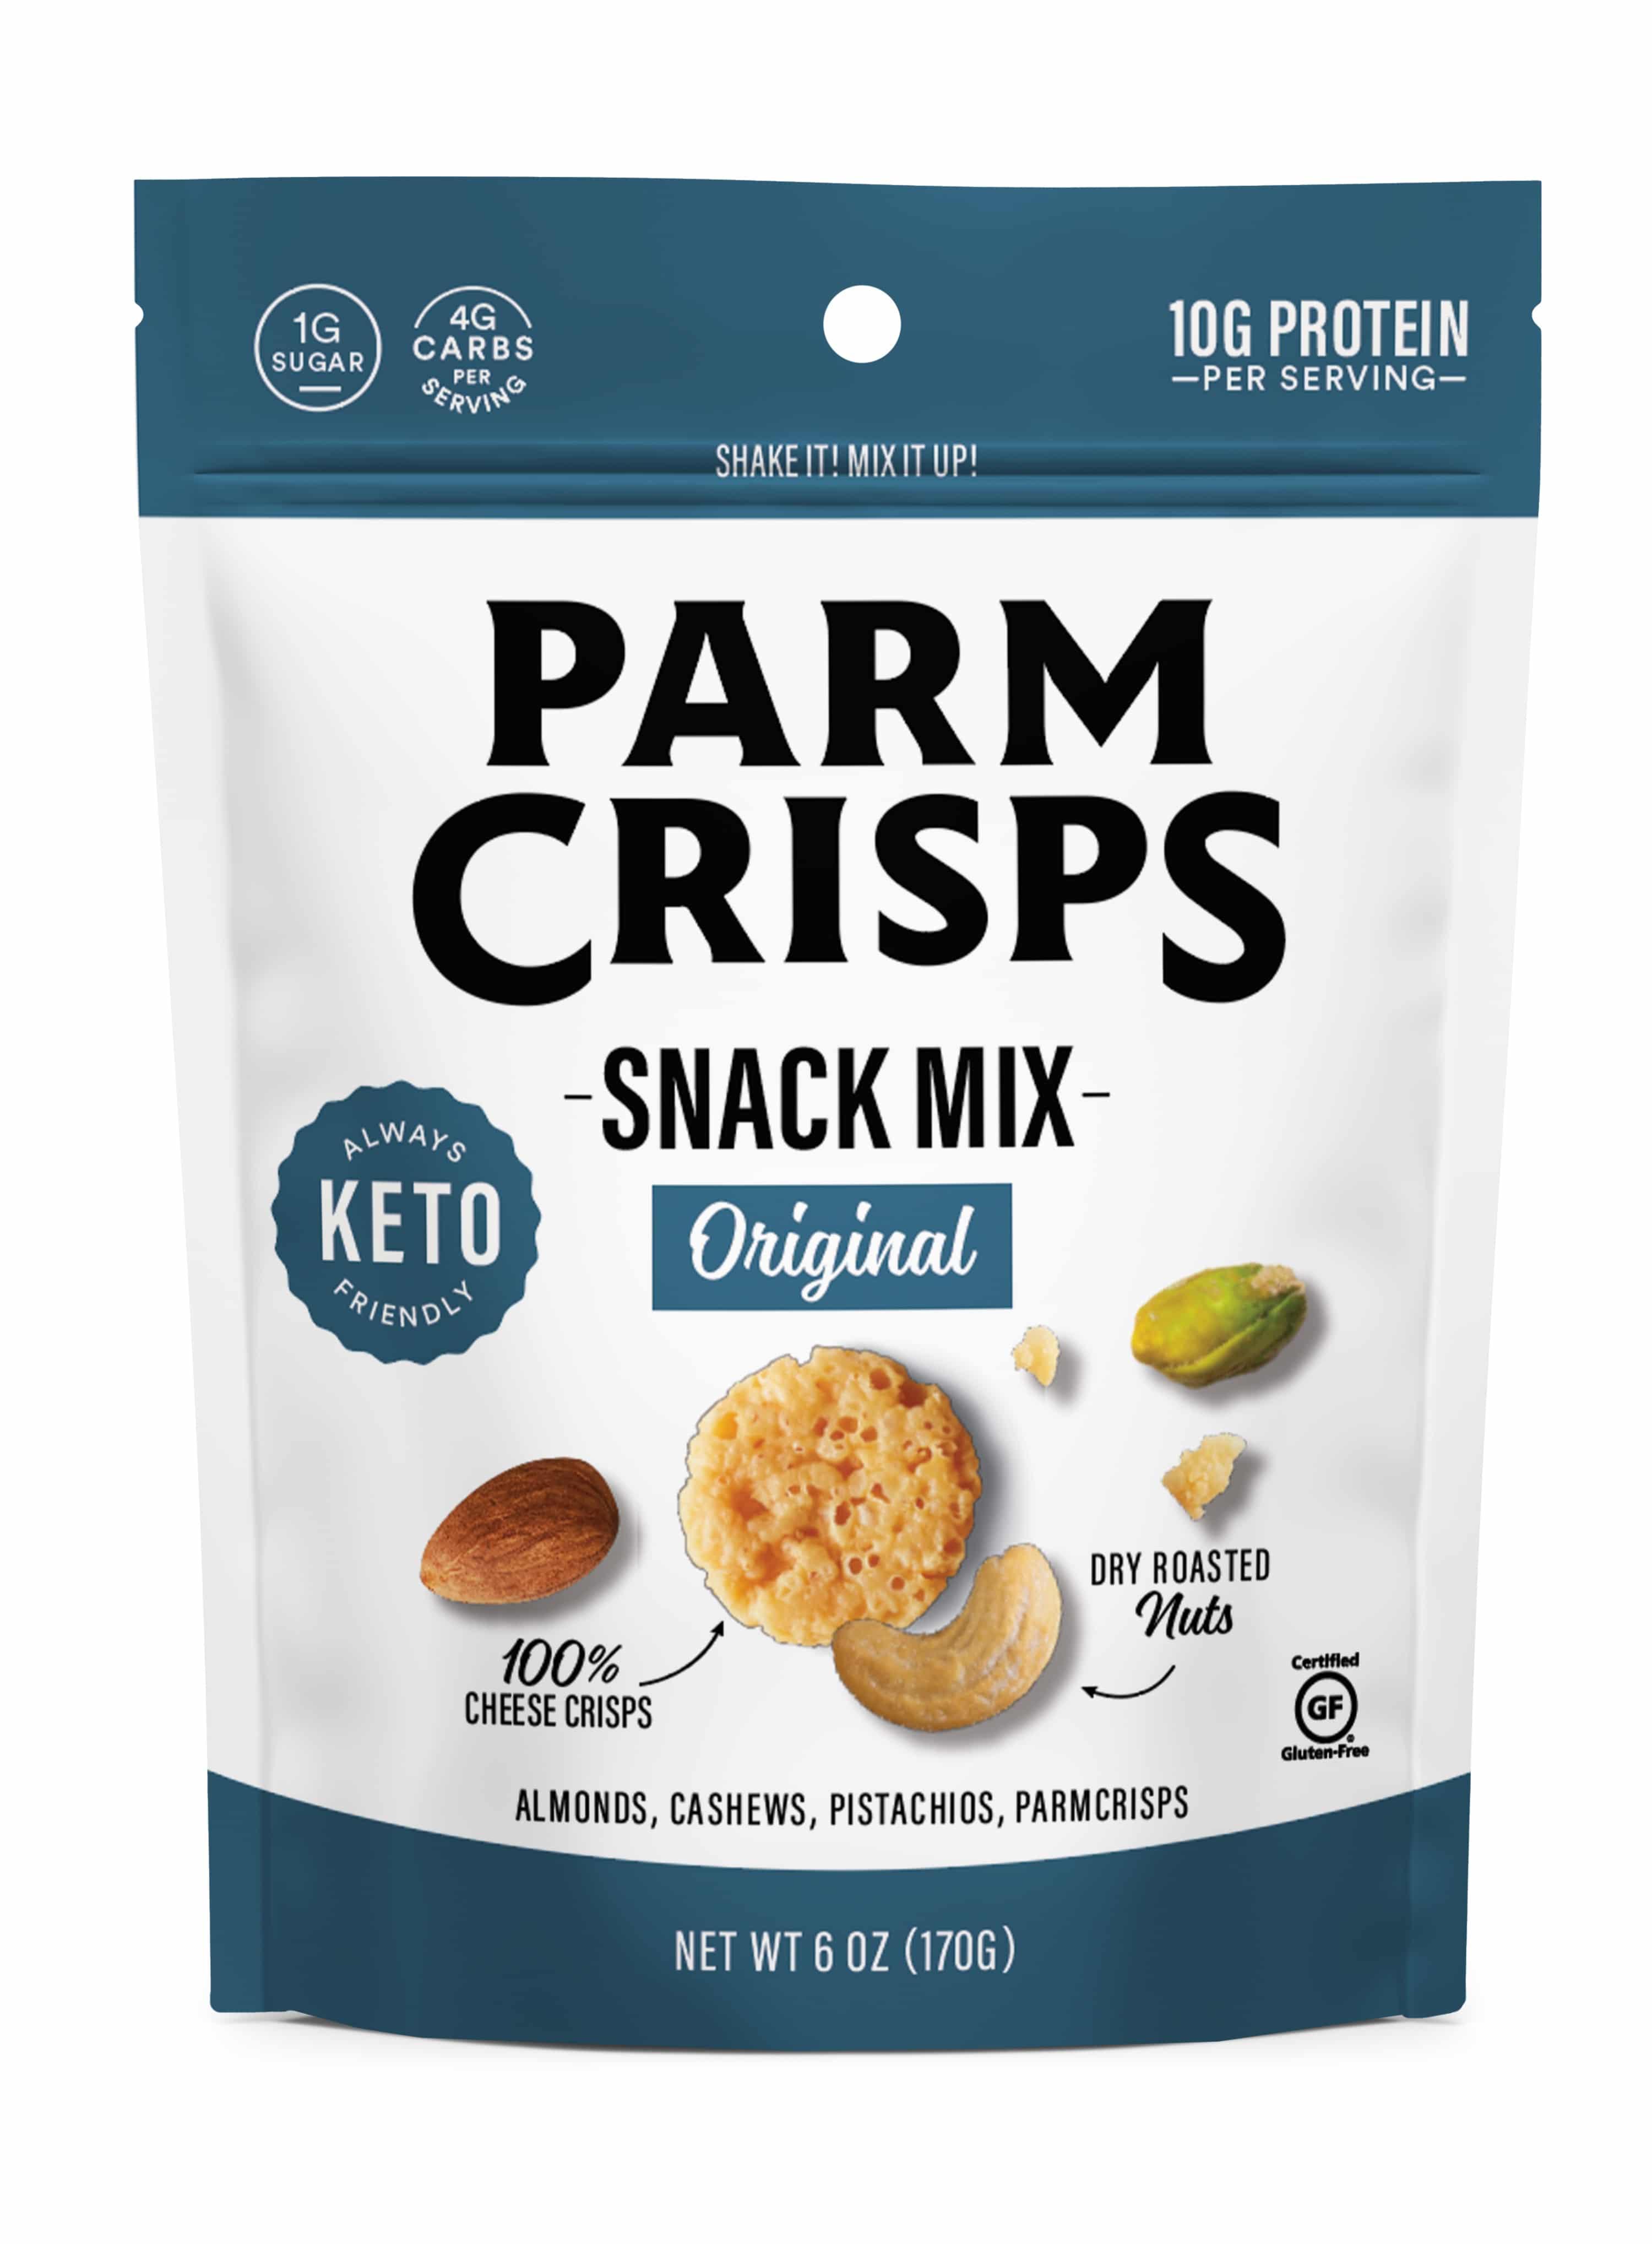 ParmCrisps Announces Snack Mixes